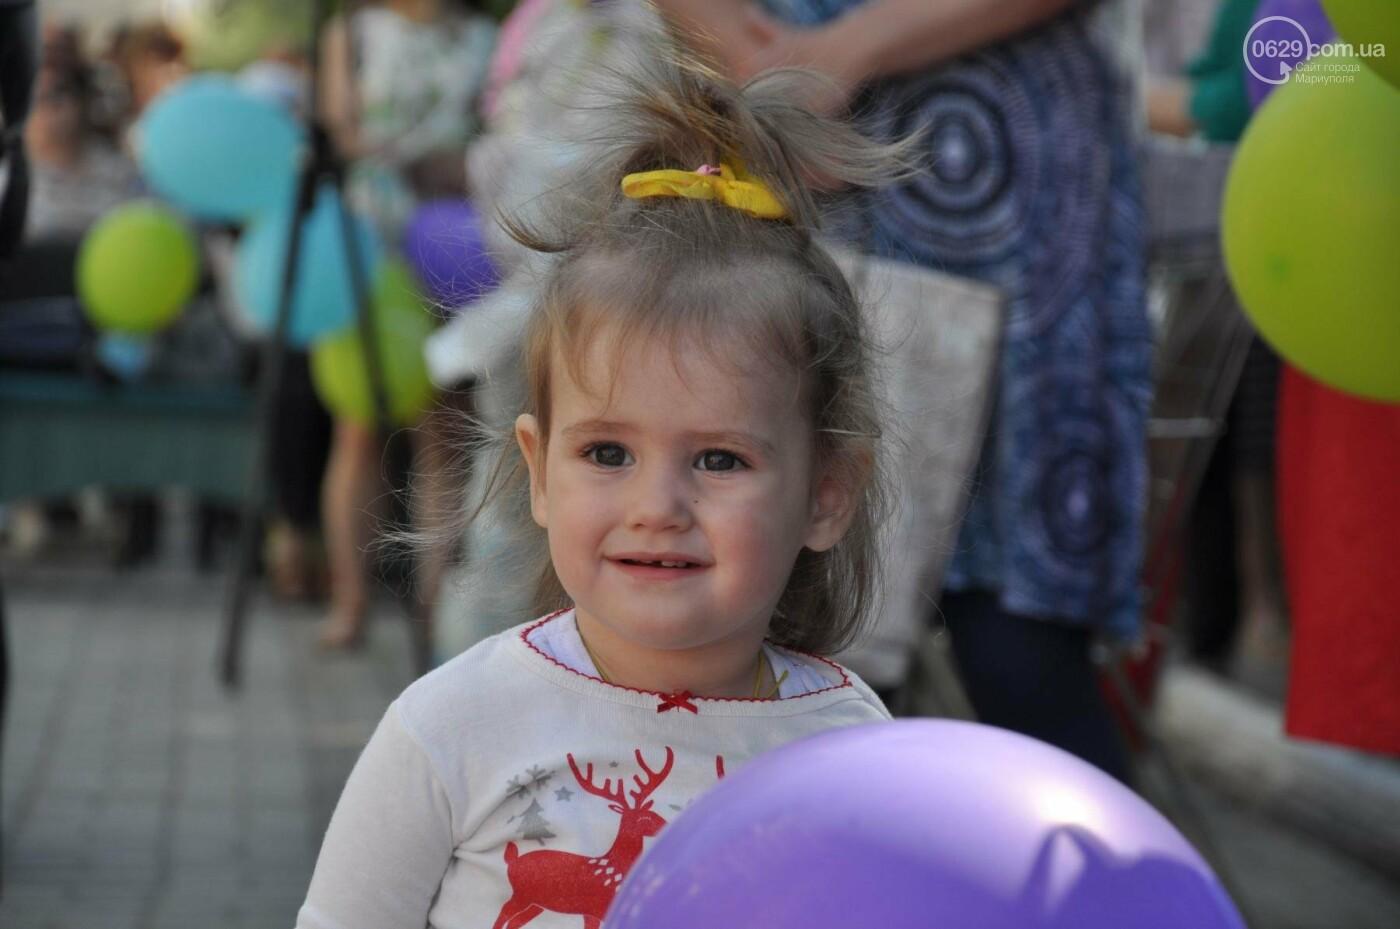 В аптеке «Азовфарм» провели праздник для детей и разыграли призы, фото-15